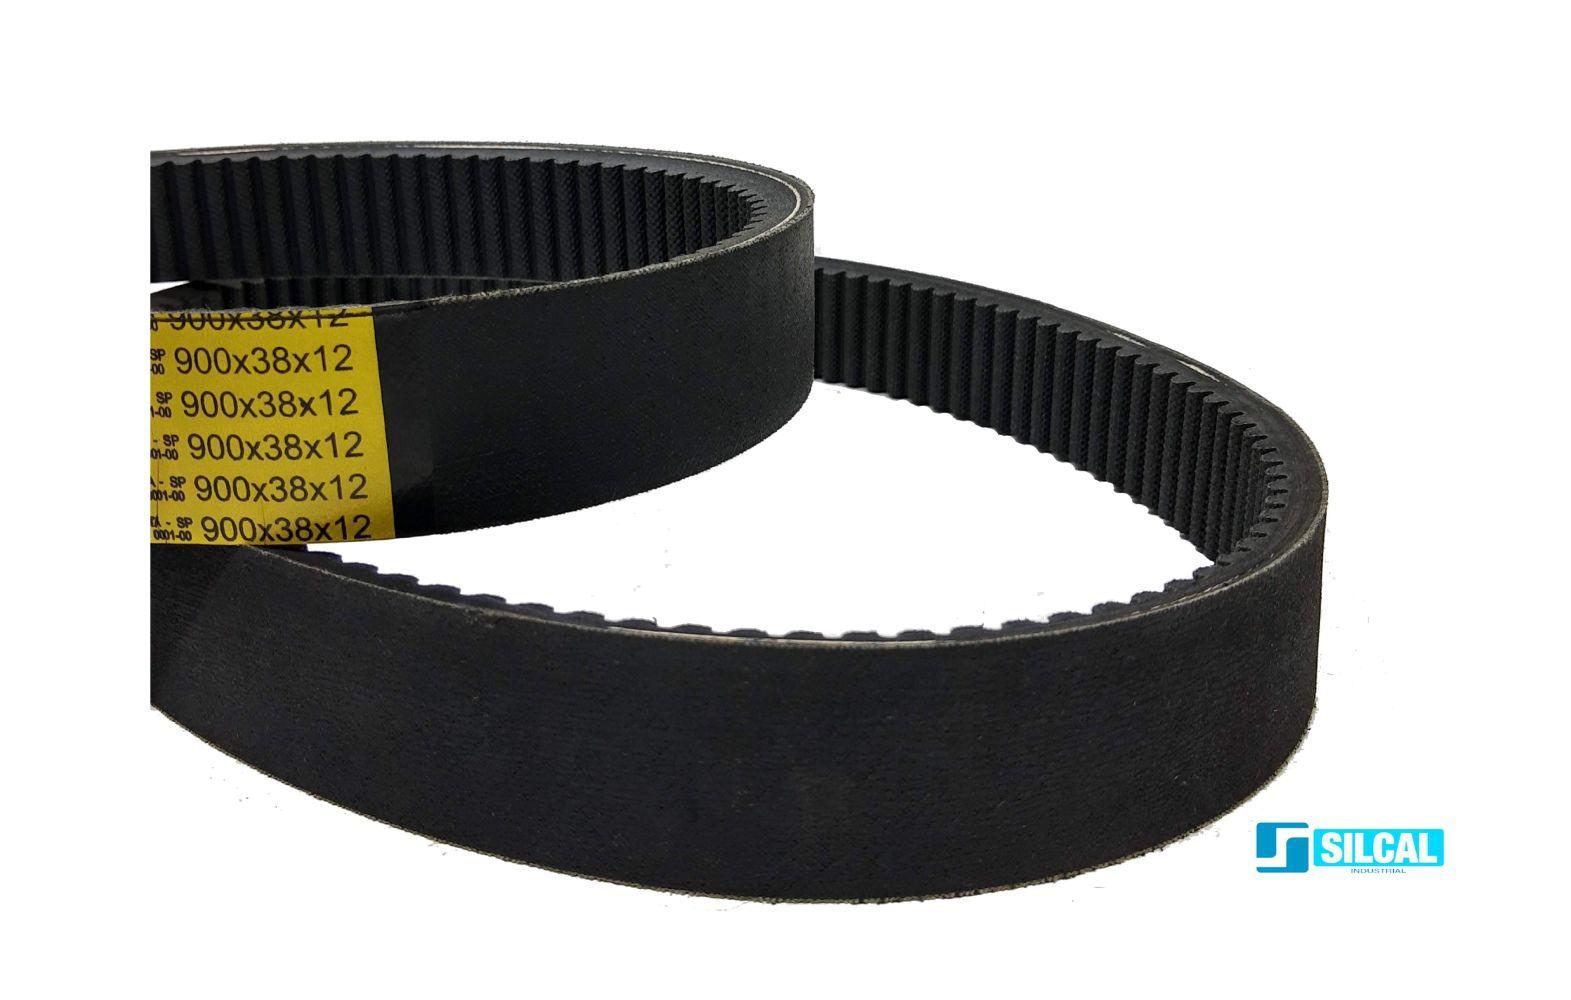 Correia Variadora Fresadora ISO 30 40 (900 X 38 x 12)